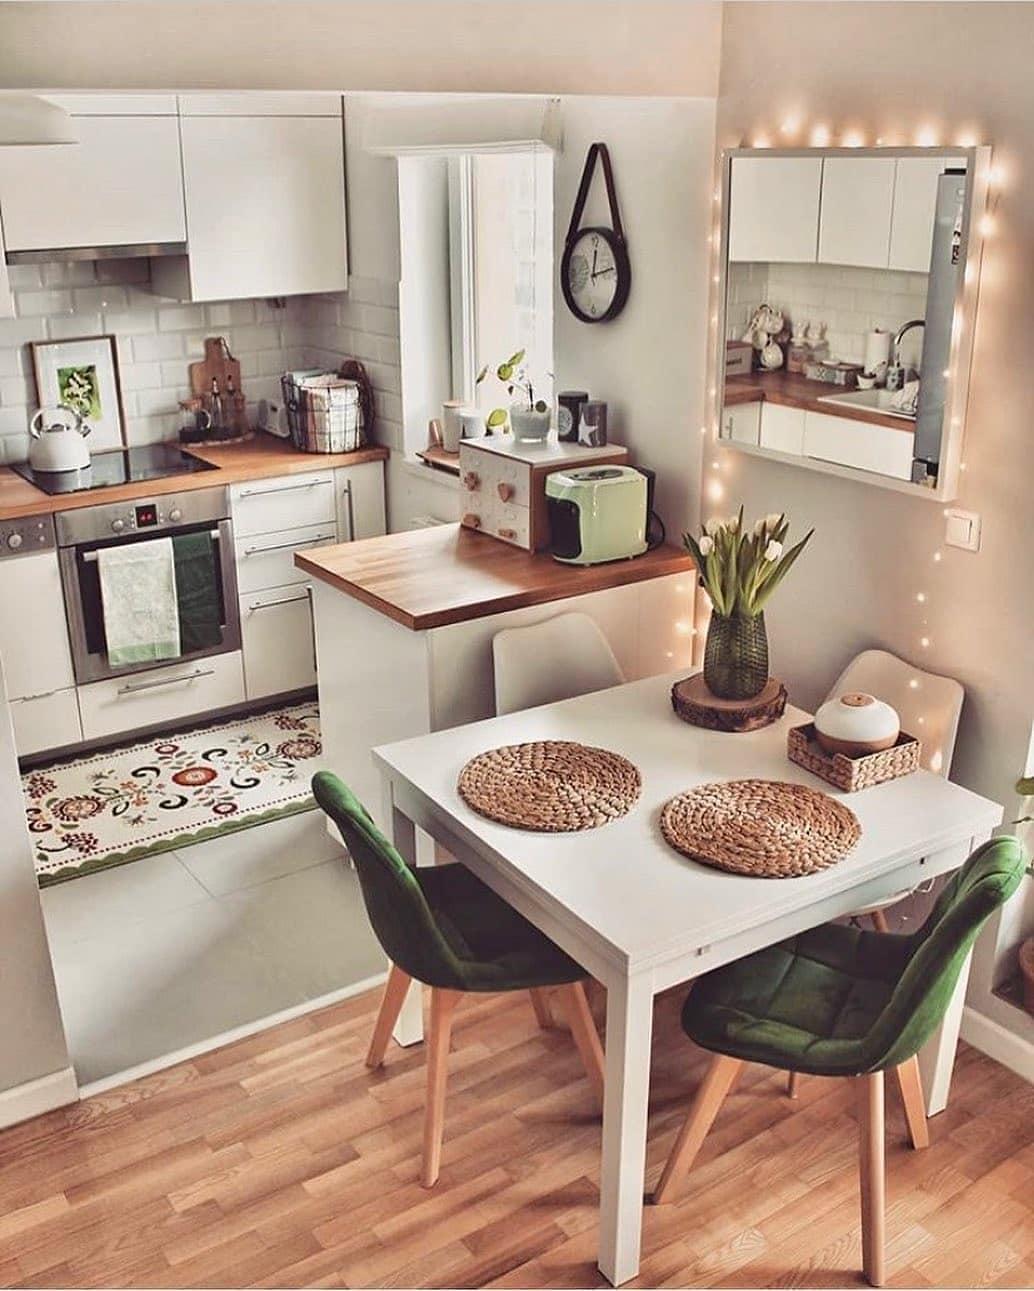 Desain Dapur Minimalis_2